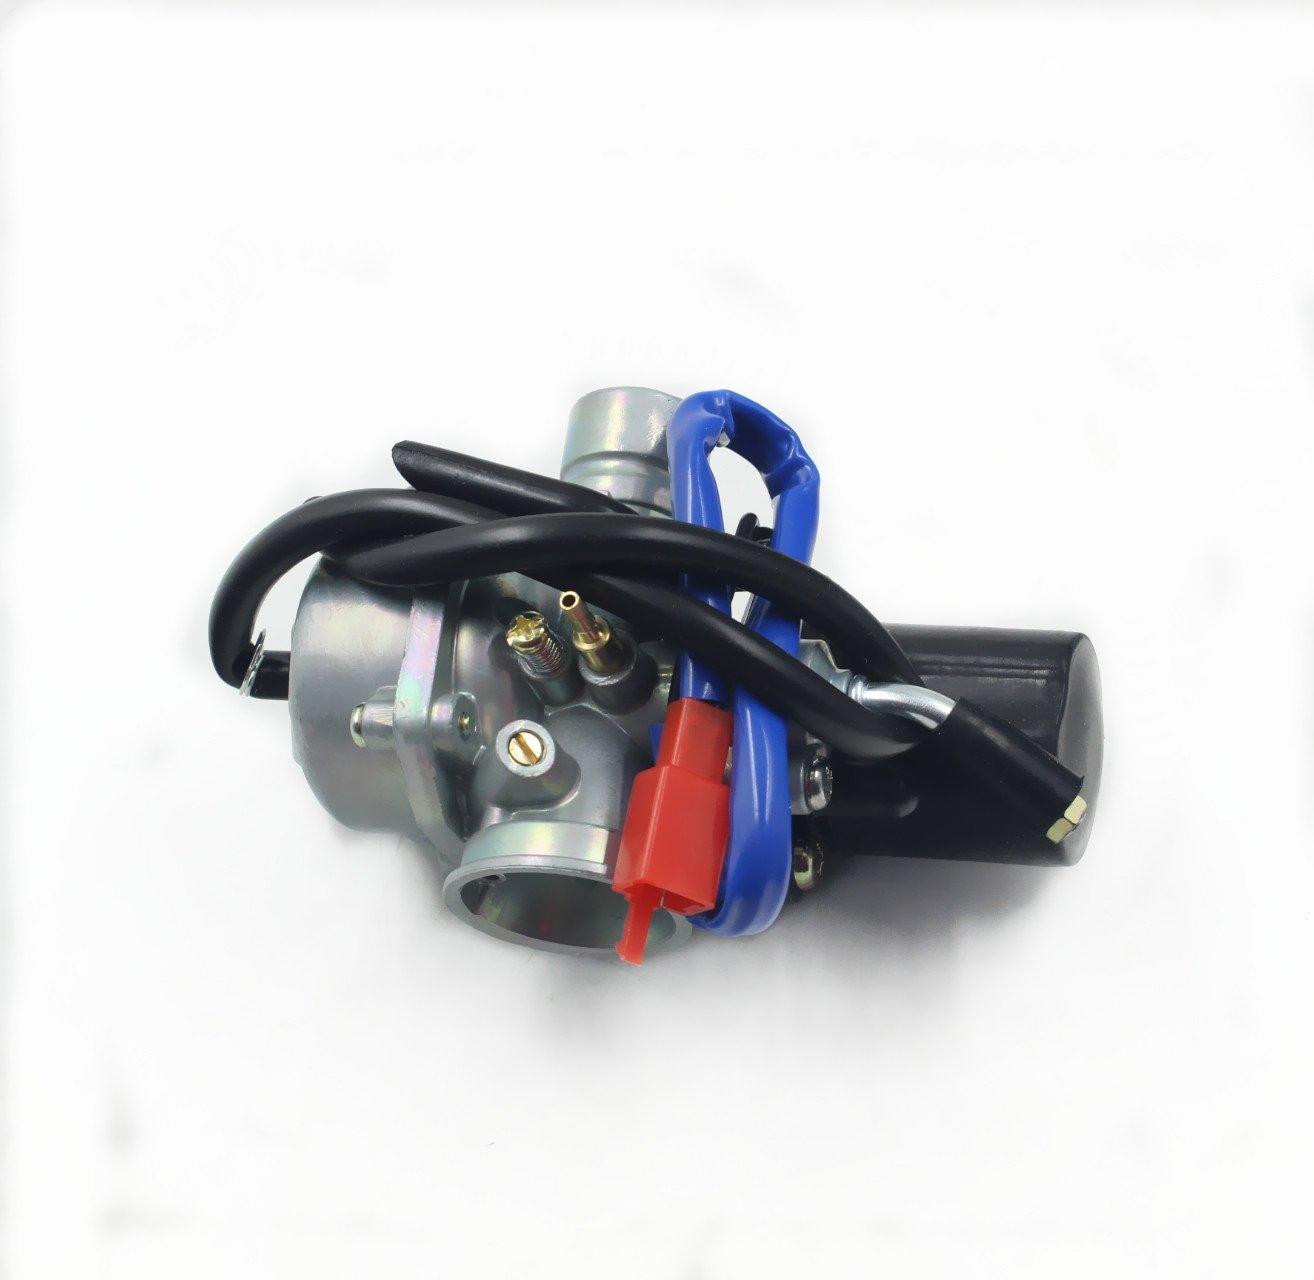 Cheap Eton 50cc Atv Parts, Find Eton 50cc Atv Parts Deals